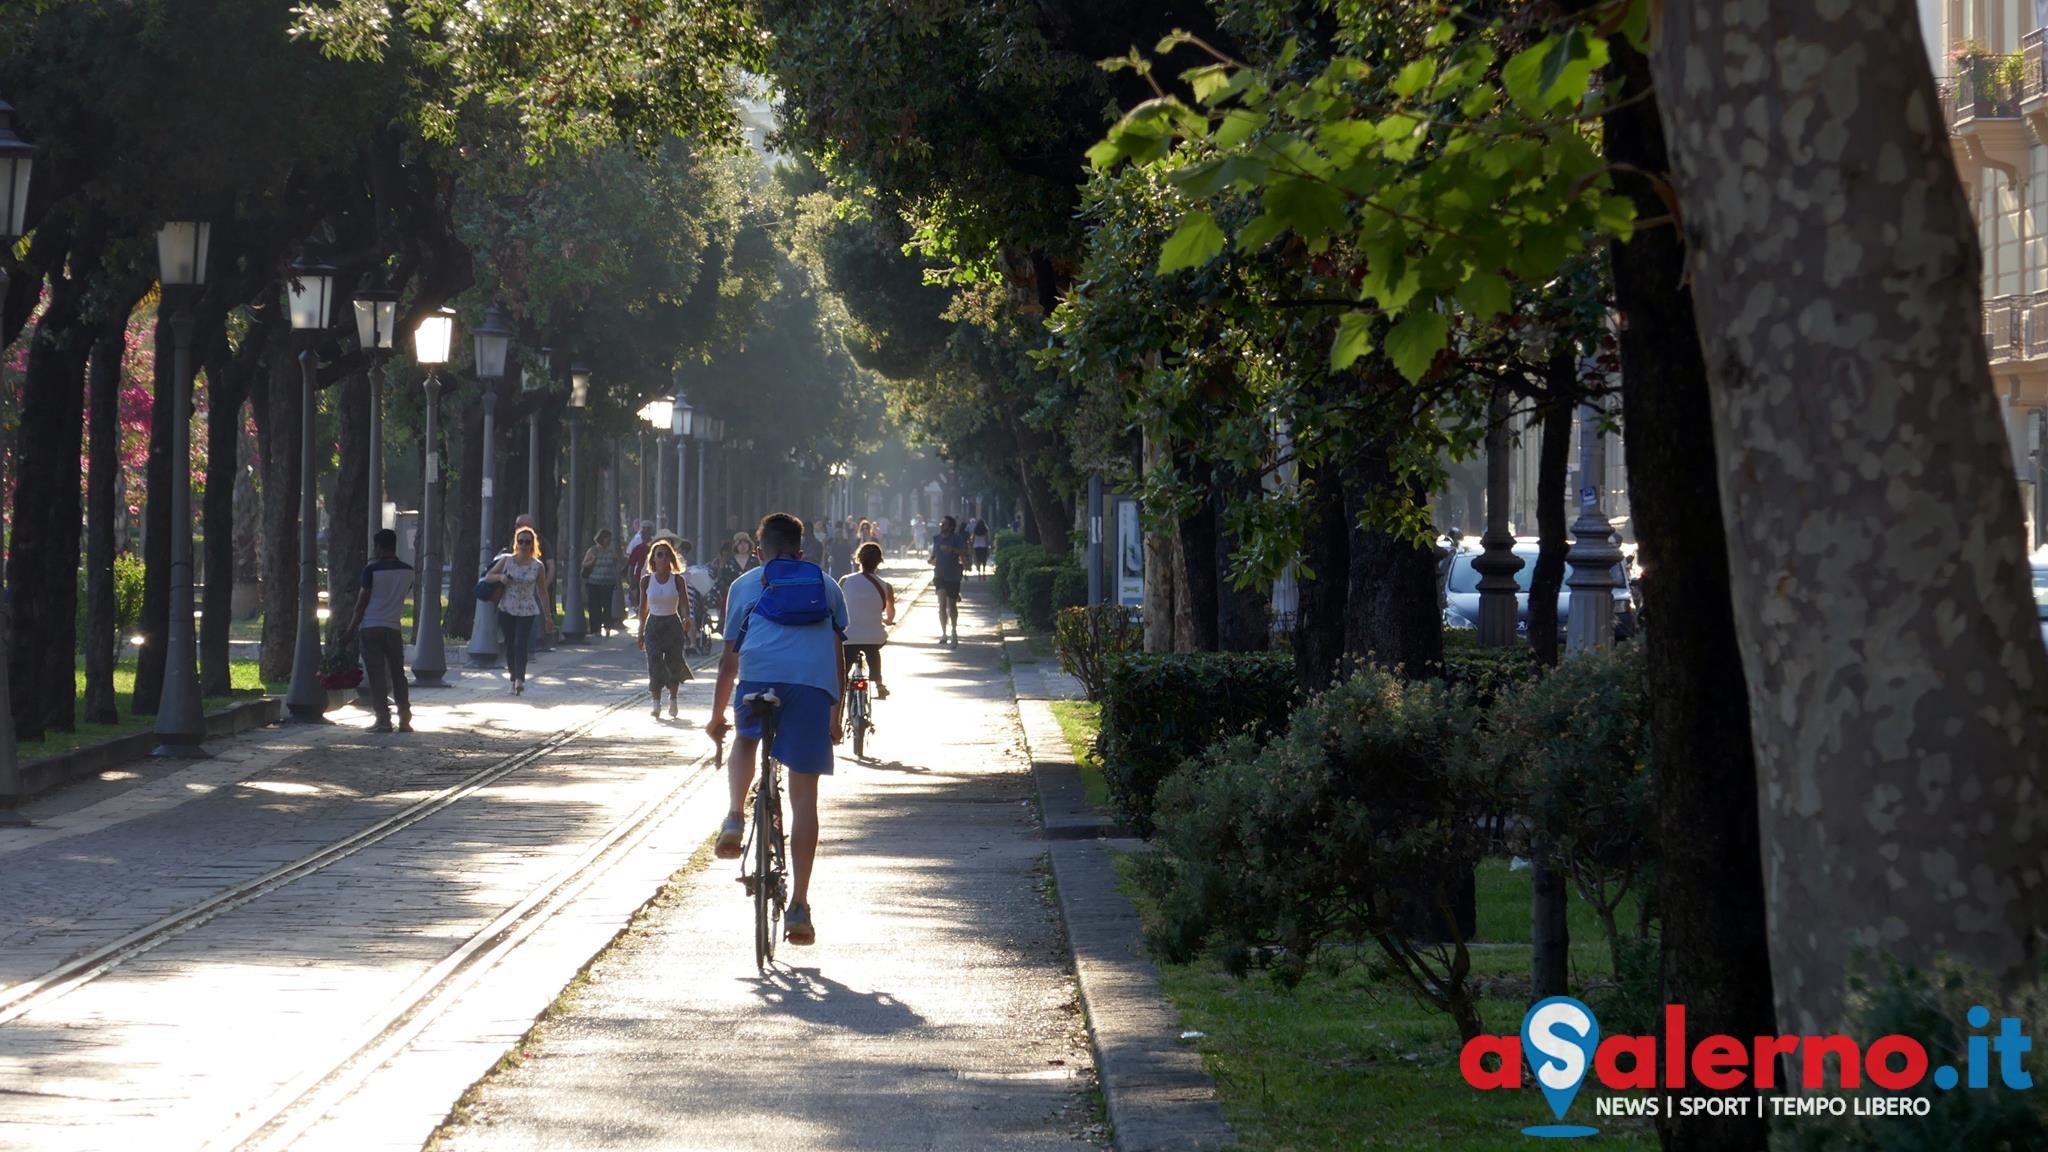 mobilità bicicletta pista ciclabile salerno